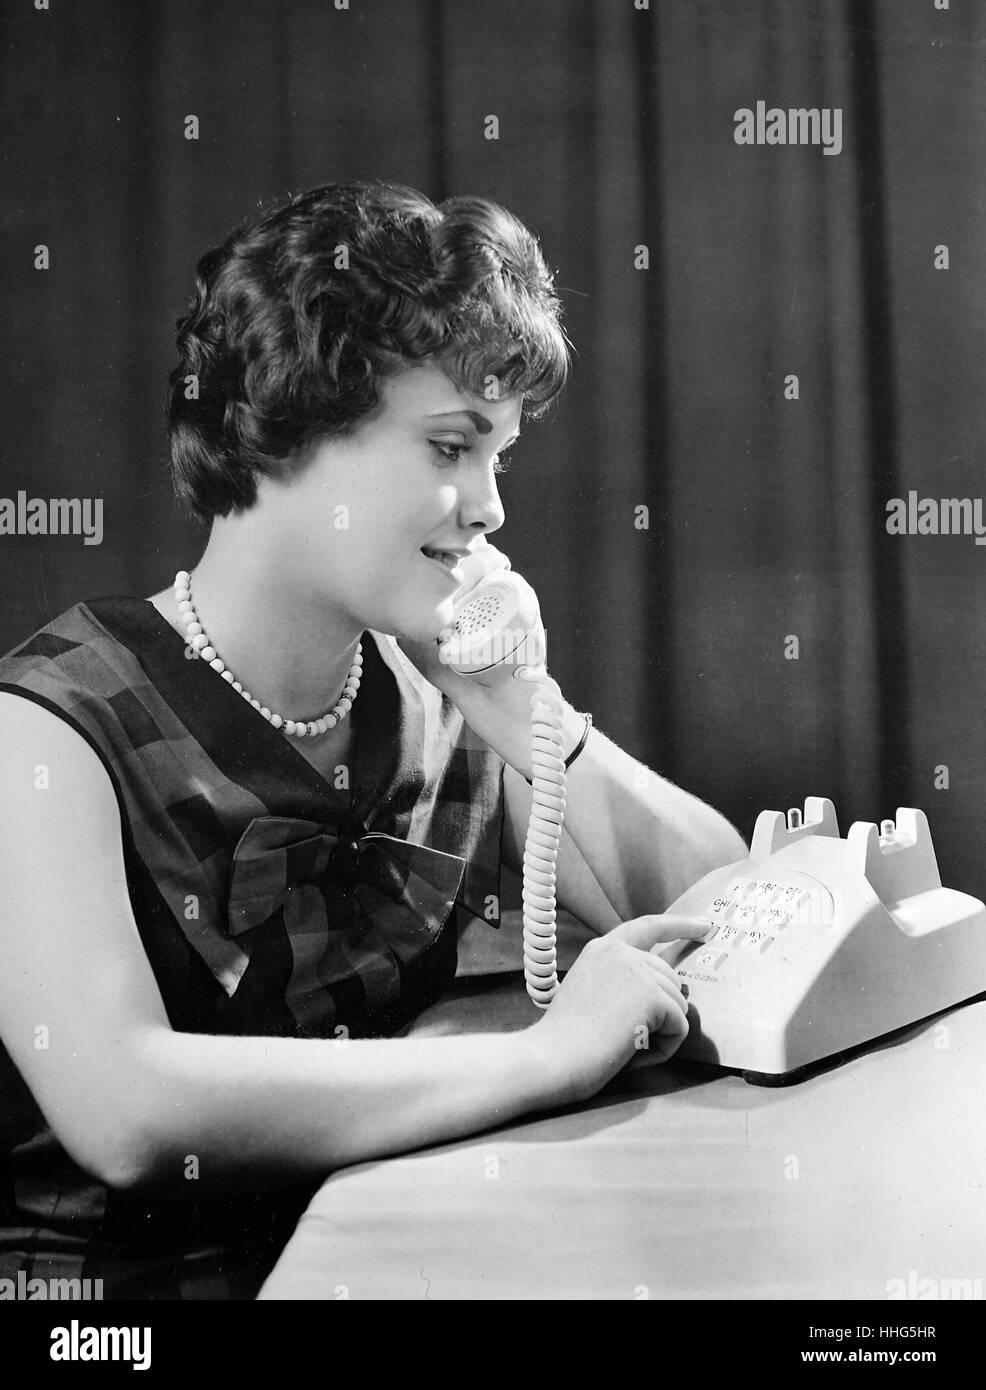 Un modelo experimental de un pulsador teléfono siendo desarrollado en los Laboratorios Bell Telephone es juzgado por Gayle Gerbe. El pulsador teléfono es factible hoy por los avances electrónicos que incluyen el transistor, inventado en los laboratorios Bell. Este pulsador particular diseño combina muchas características que promueven la máxima exactitud y que son preferidos por los usuarios. La disposición de botones es el resultado de meses de estudio de factores humanos. Foto de stock